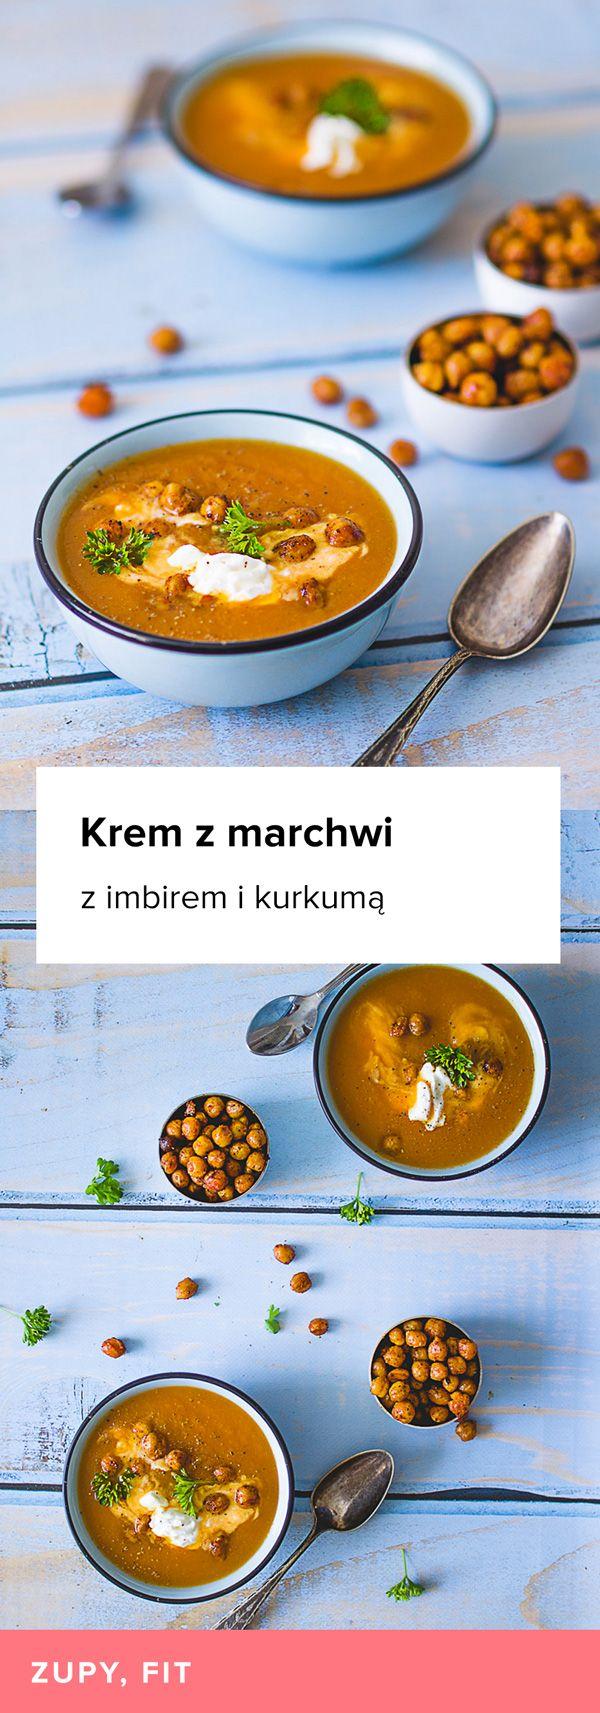 Przepis na Krem z marchwi z imbirem i kurkumą. Pyszna, rozgrzewająca zupa krem z marchwi z dodatkiem imbiru i kurkumy. Serwowana z prażoną ciecierzycą i odrobiną jogurtu naturalnego.